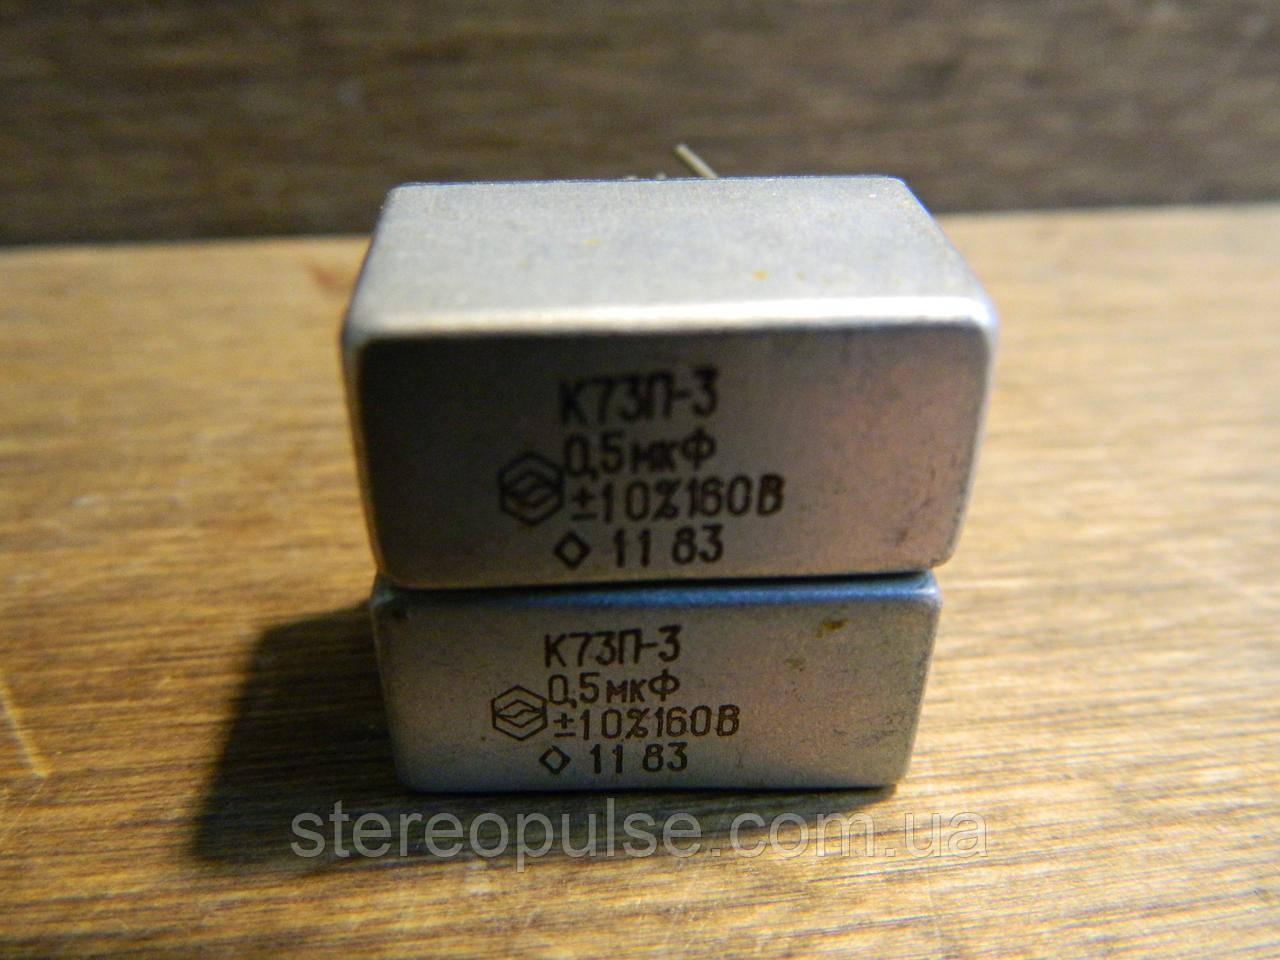 Конденсатор К73П 3   0.5 мкФ  - 160 В   10%